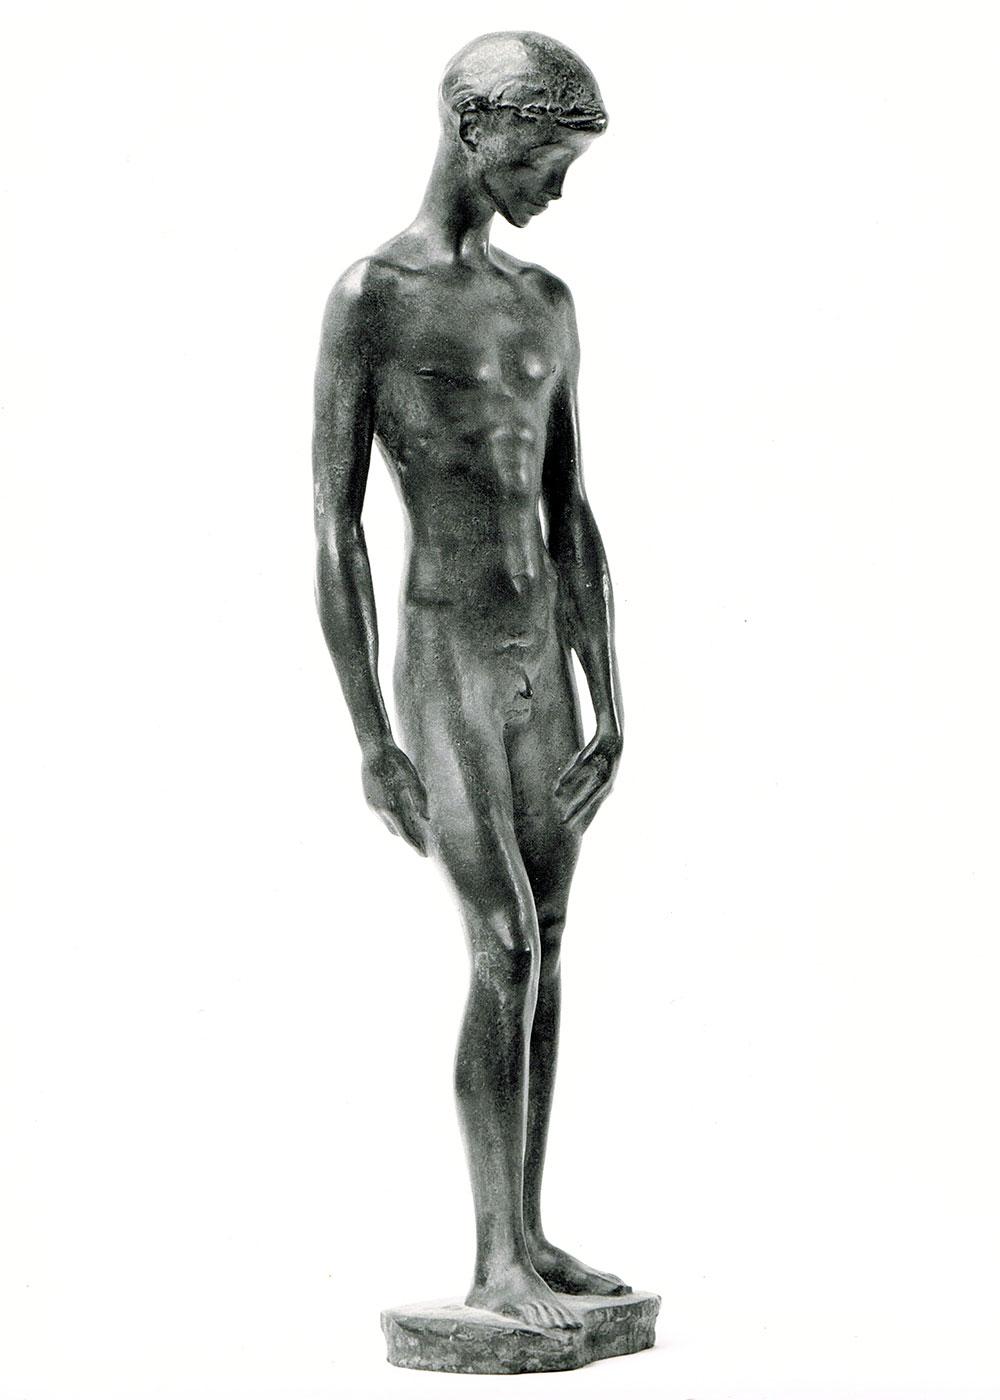 Herabblickender • Bronze • 73 cm • 1943